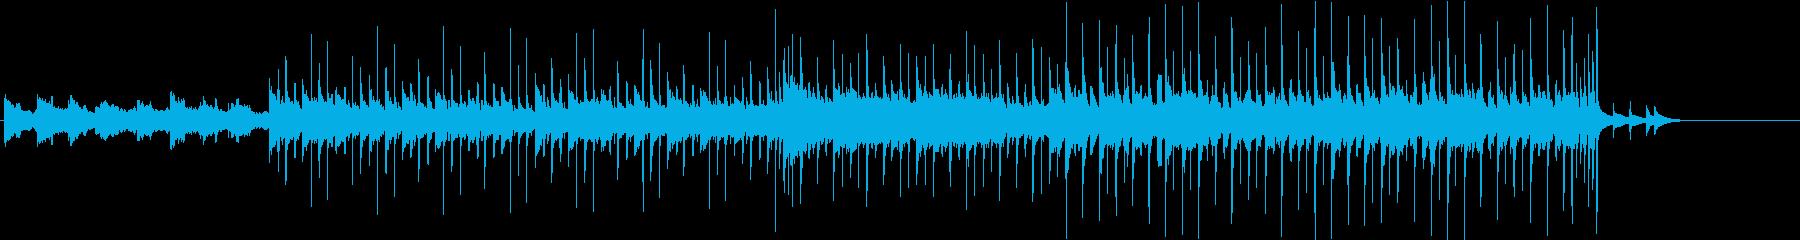 生ウクレレの可愛らしく穏やかなポップスの再生済みの波形